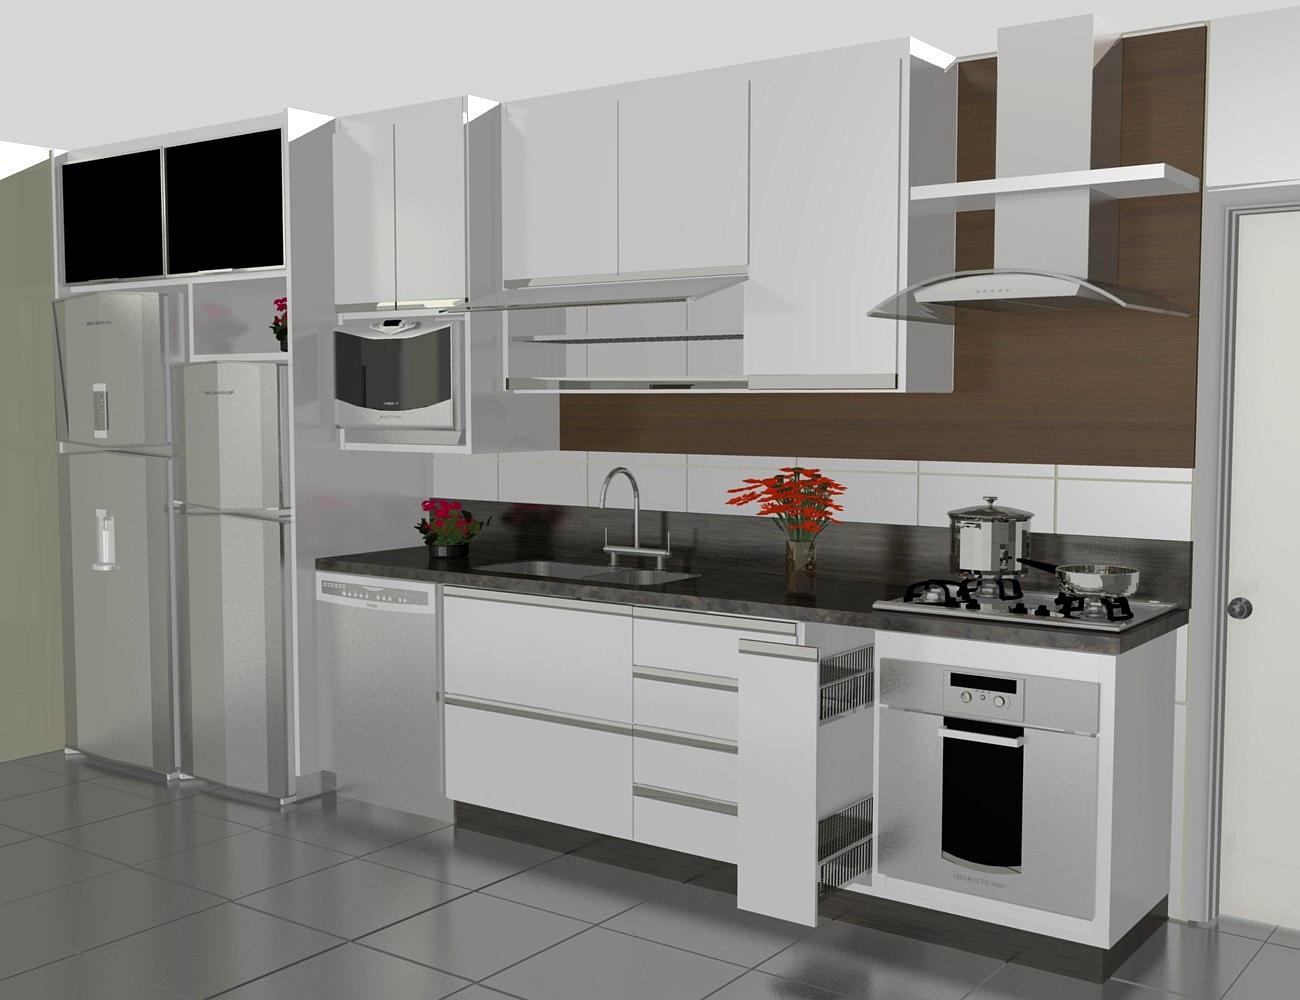 para cozinhas cozinhas planejadas dellano dellano cozinhas planejadas #5D4839 1300 1000